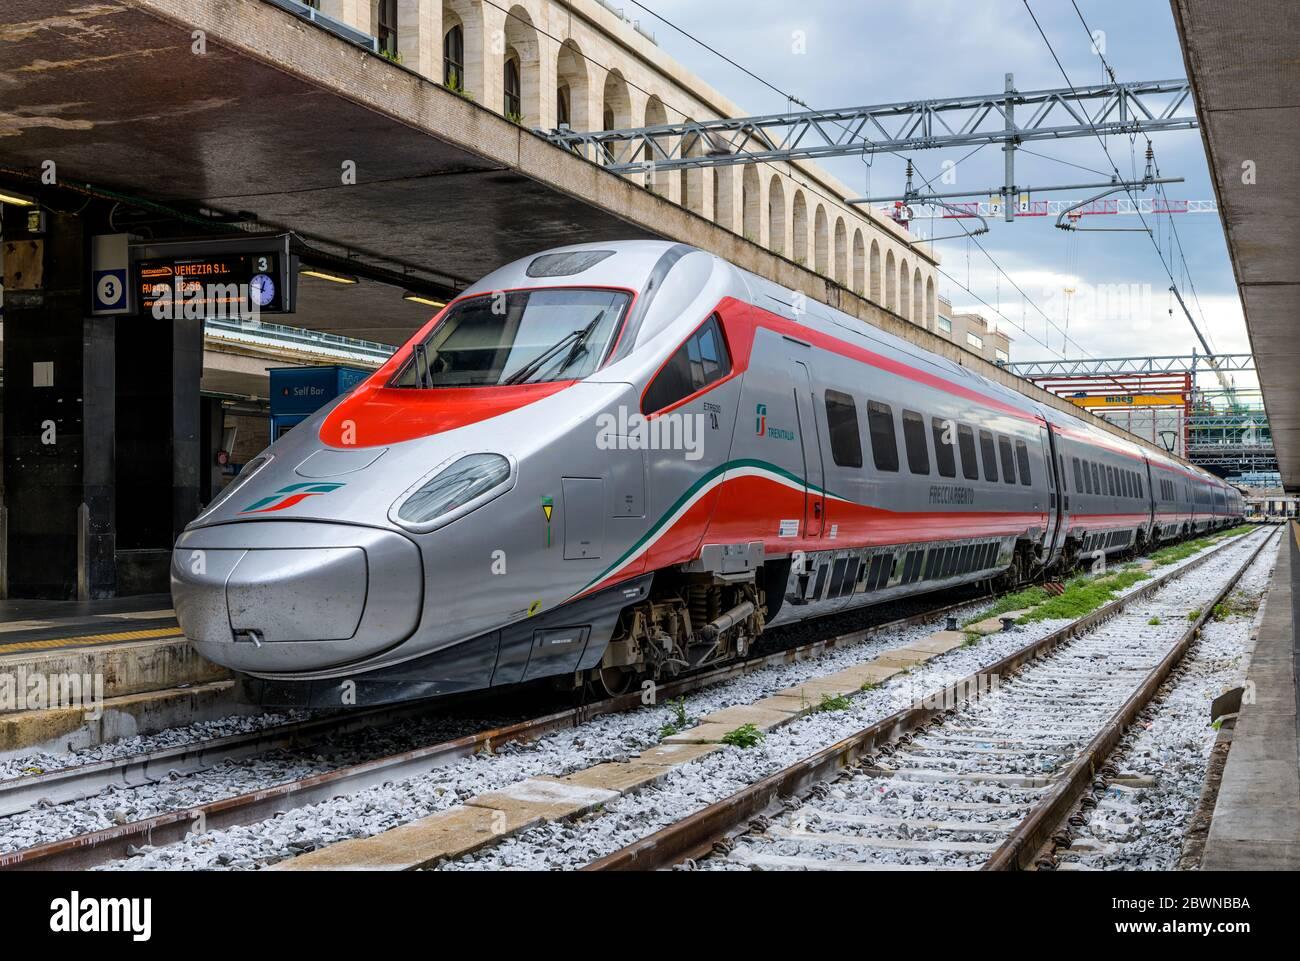 Silver Bullet Train - treno ad alta velocità in argento, Frecciargento ETR 600 di Trenitalia, pronto per la sua prossima partenza, a Roma Termini, Italia. Foto Stock